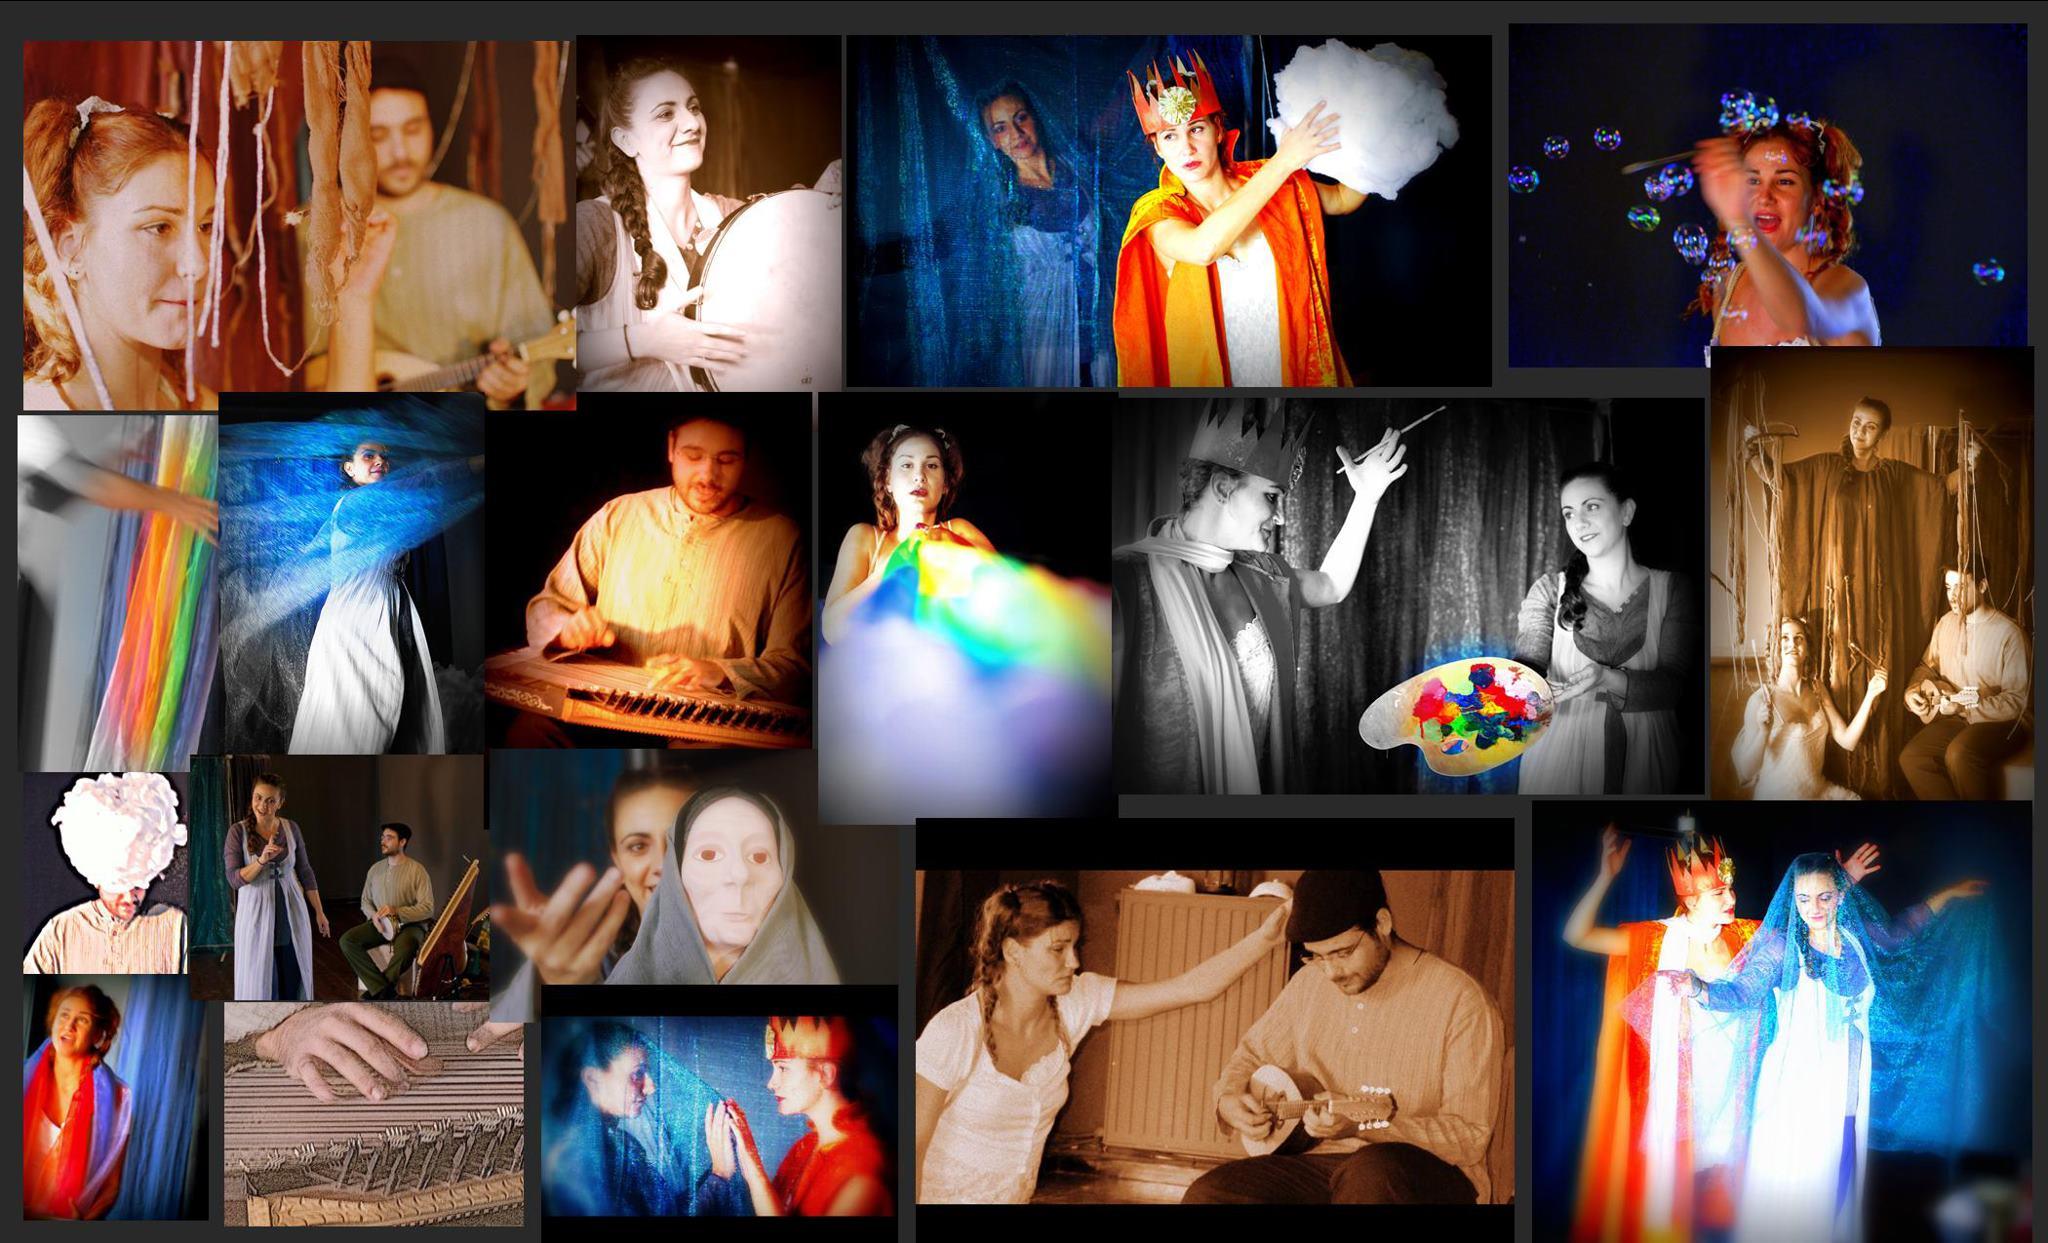 Πασχαλινές γιορτές στη Βούλα το Σάββατο